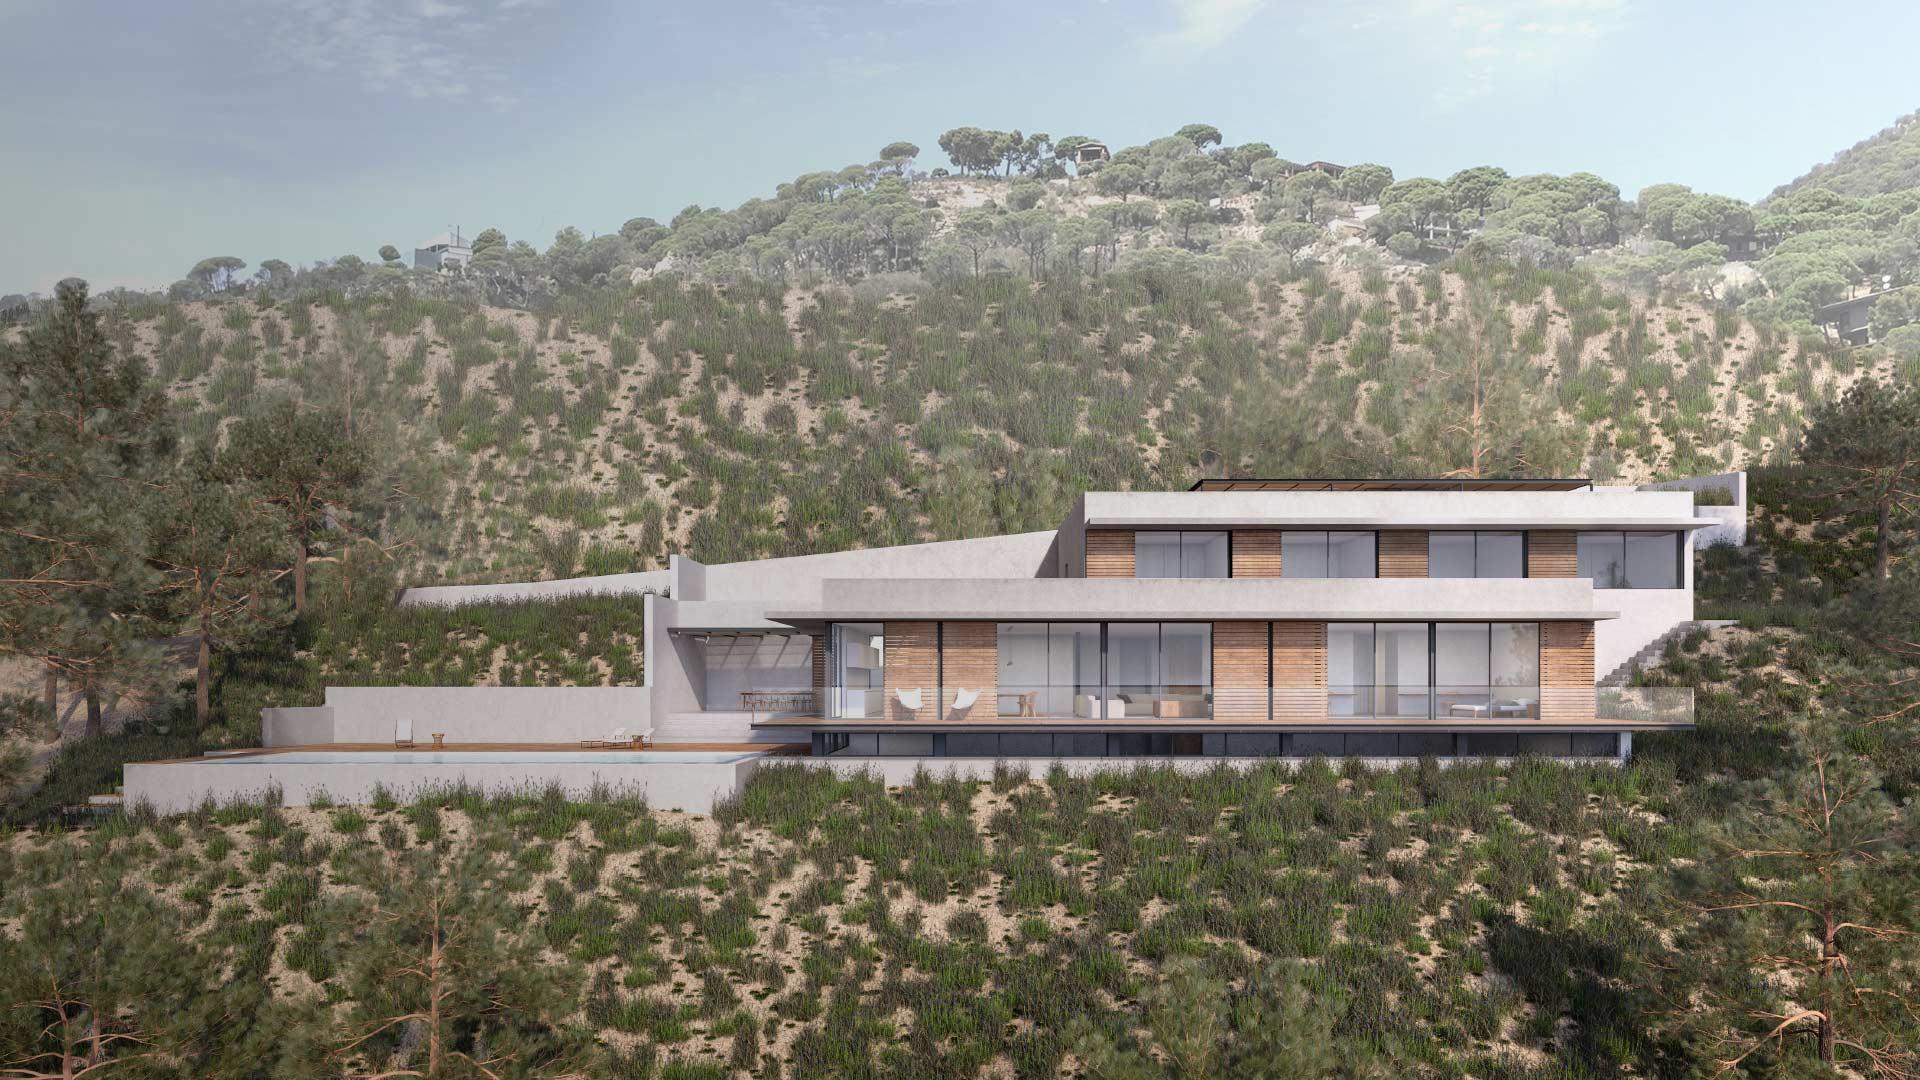 Villa Sant Feliu de Guixols, Vivienda unifamiliar, ENE Construcción, constructora en España